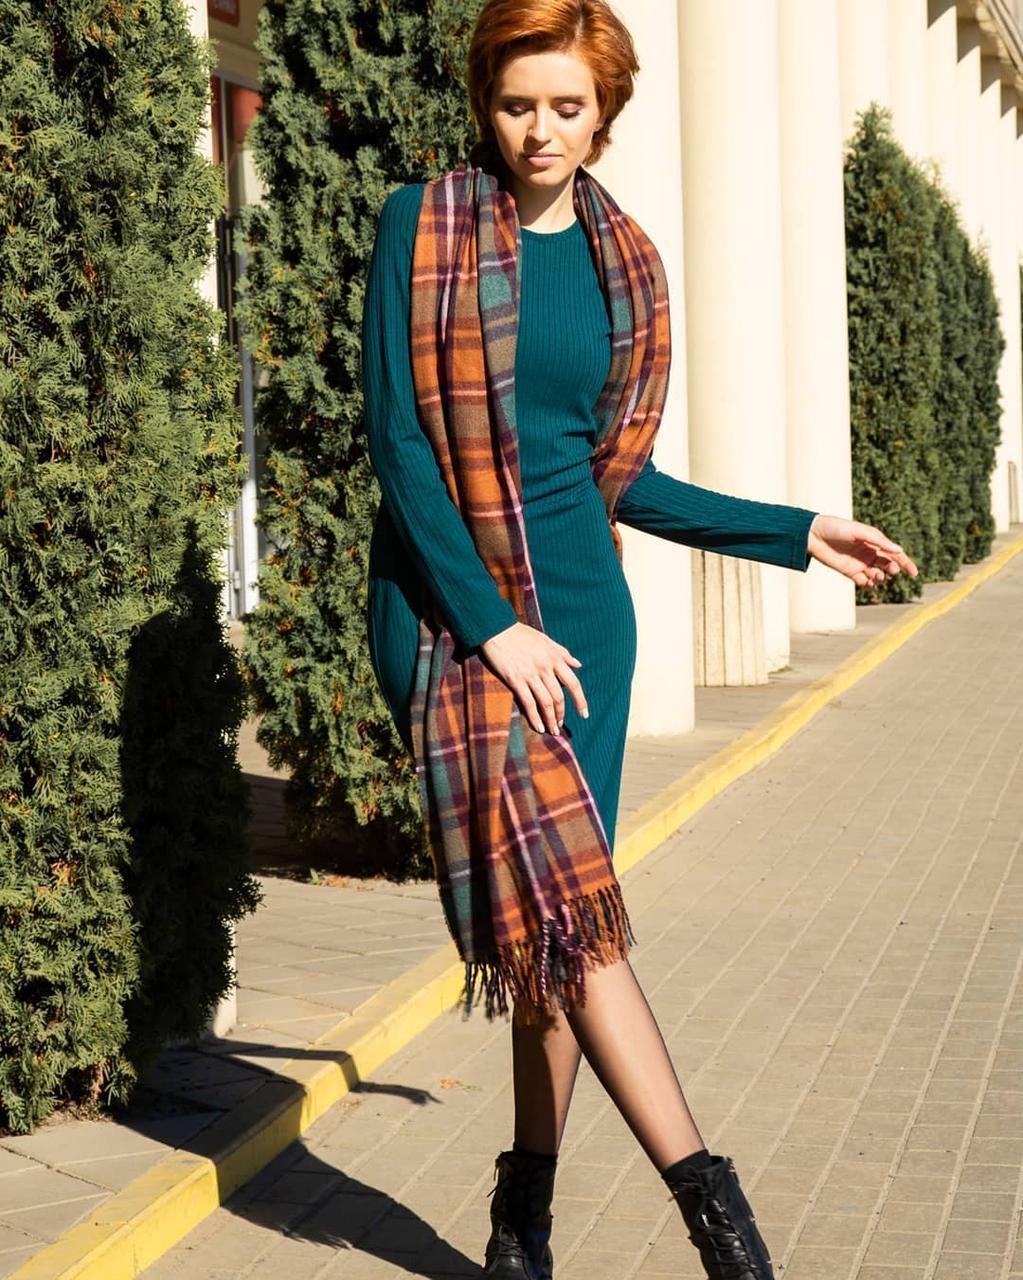 Жіноче плаття футляр нижче коліна зелене, сіре, чорне нижче коліна 42, 44